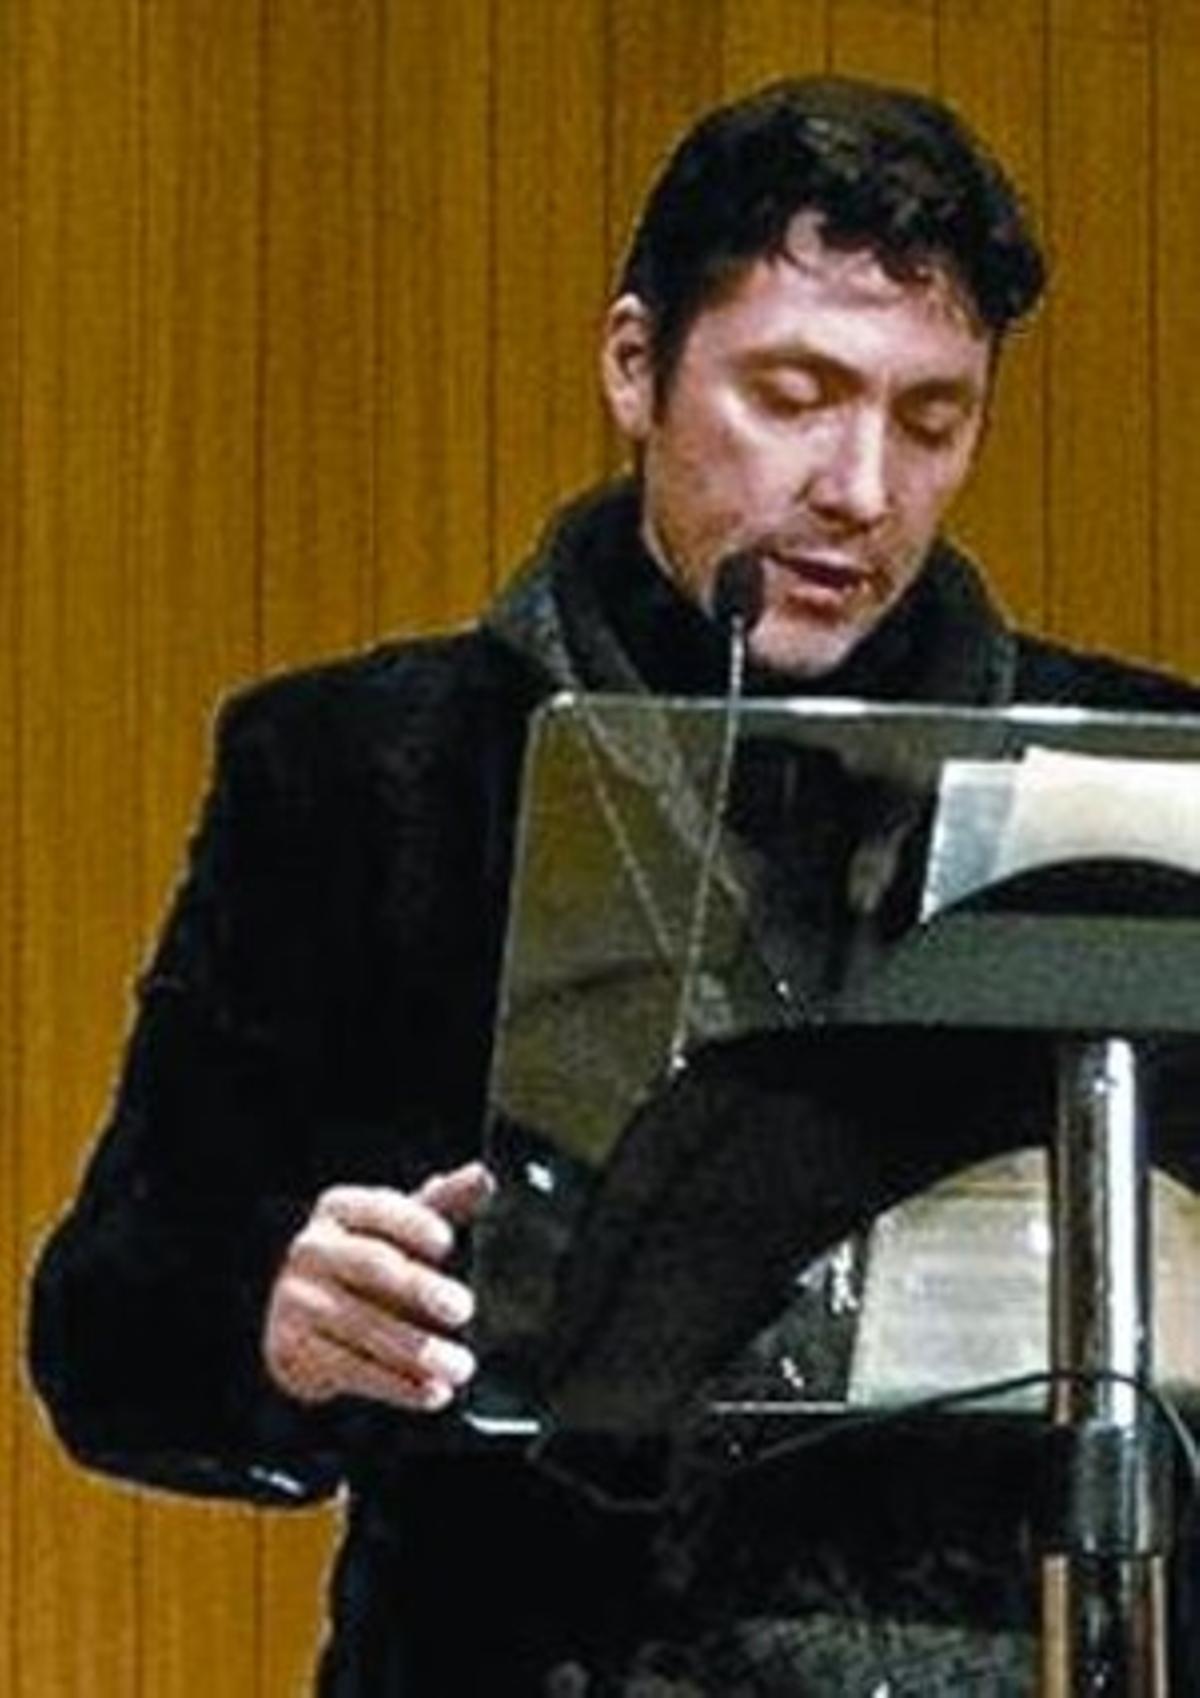 El detenido, en una lectura.